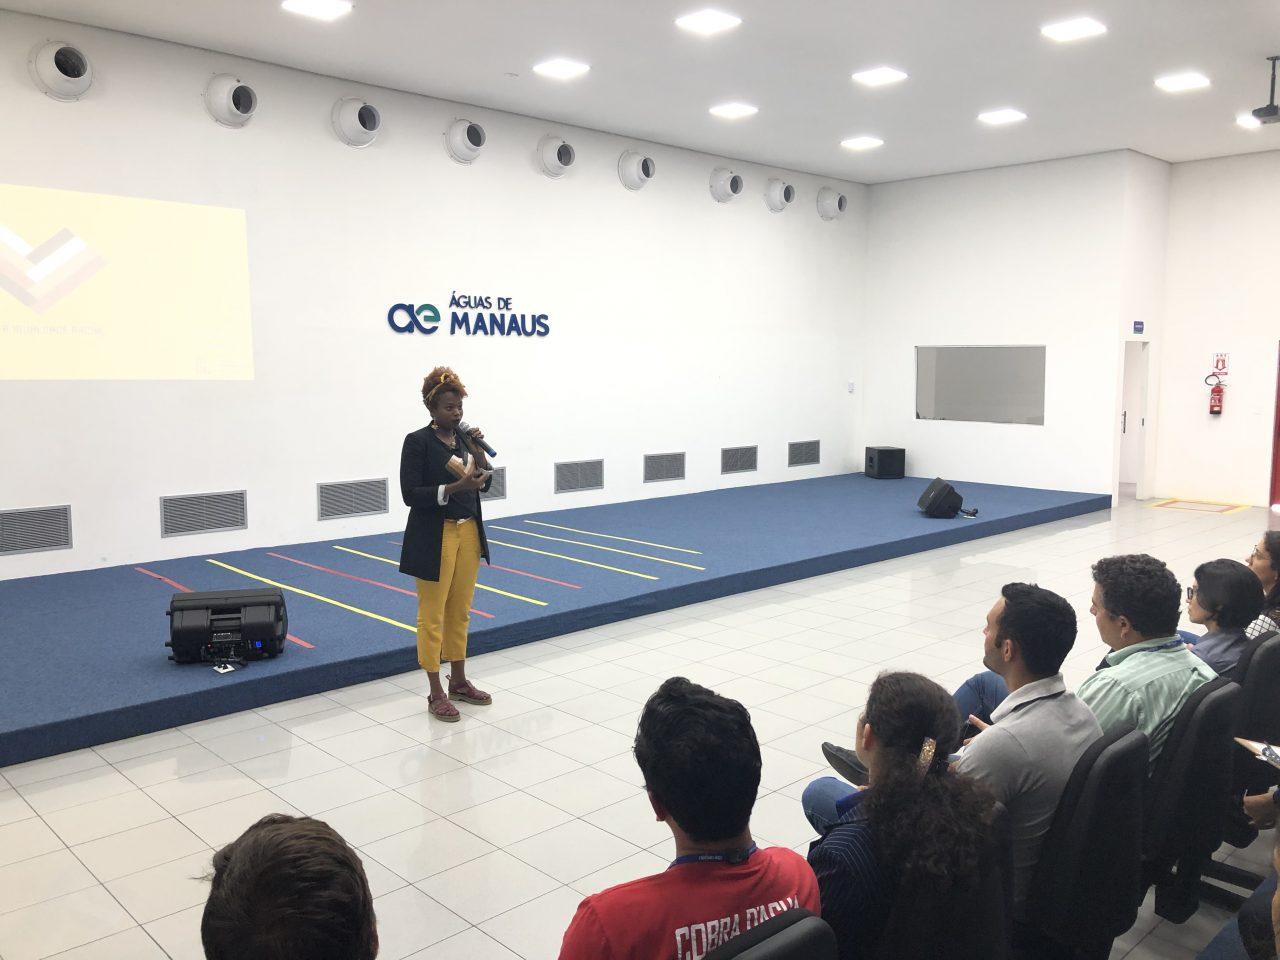 Respeito às diferenças e inclusão são discutidos em programação da Águas de Manaus a favor da igualdade racial